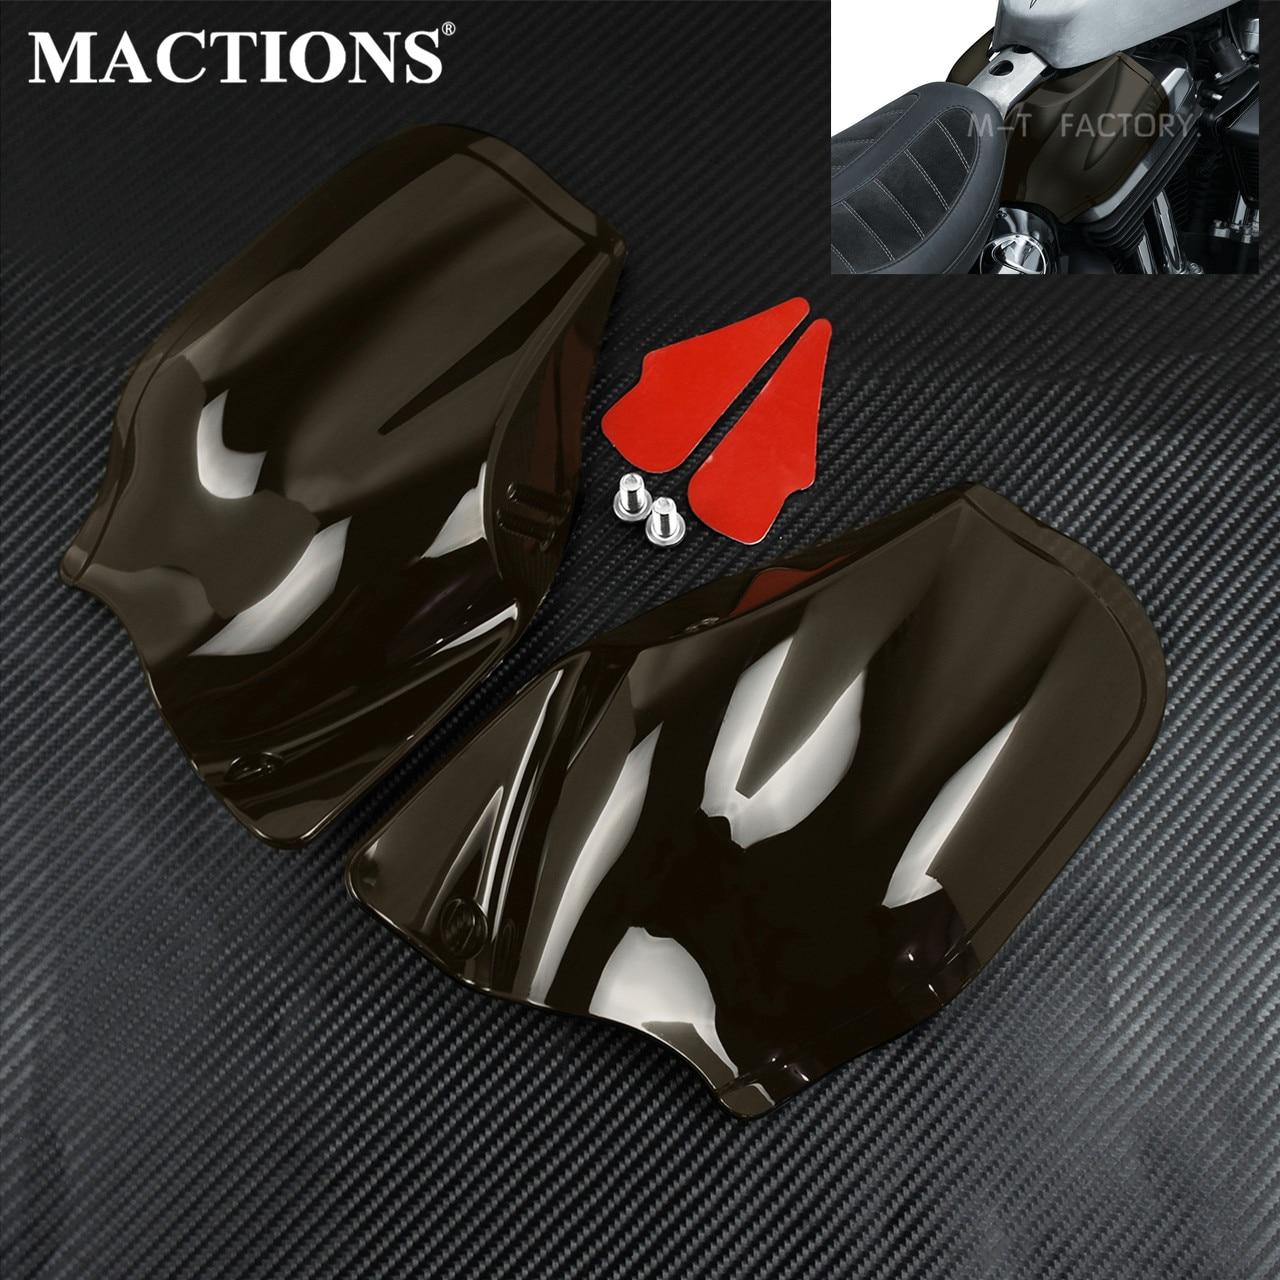 Motocicleta Reflexiva Defletor de Calor do Ar Para Harley Sportster Sela Escudos Para Harley Modelos Com Amendoim Estilo Tanques 2014-19